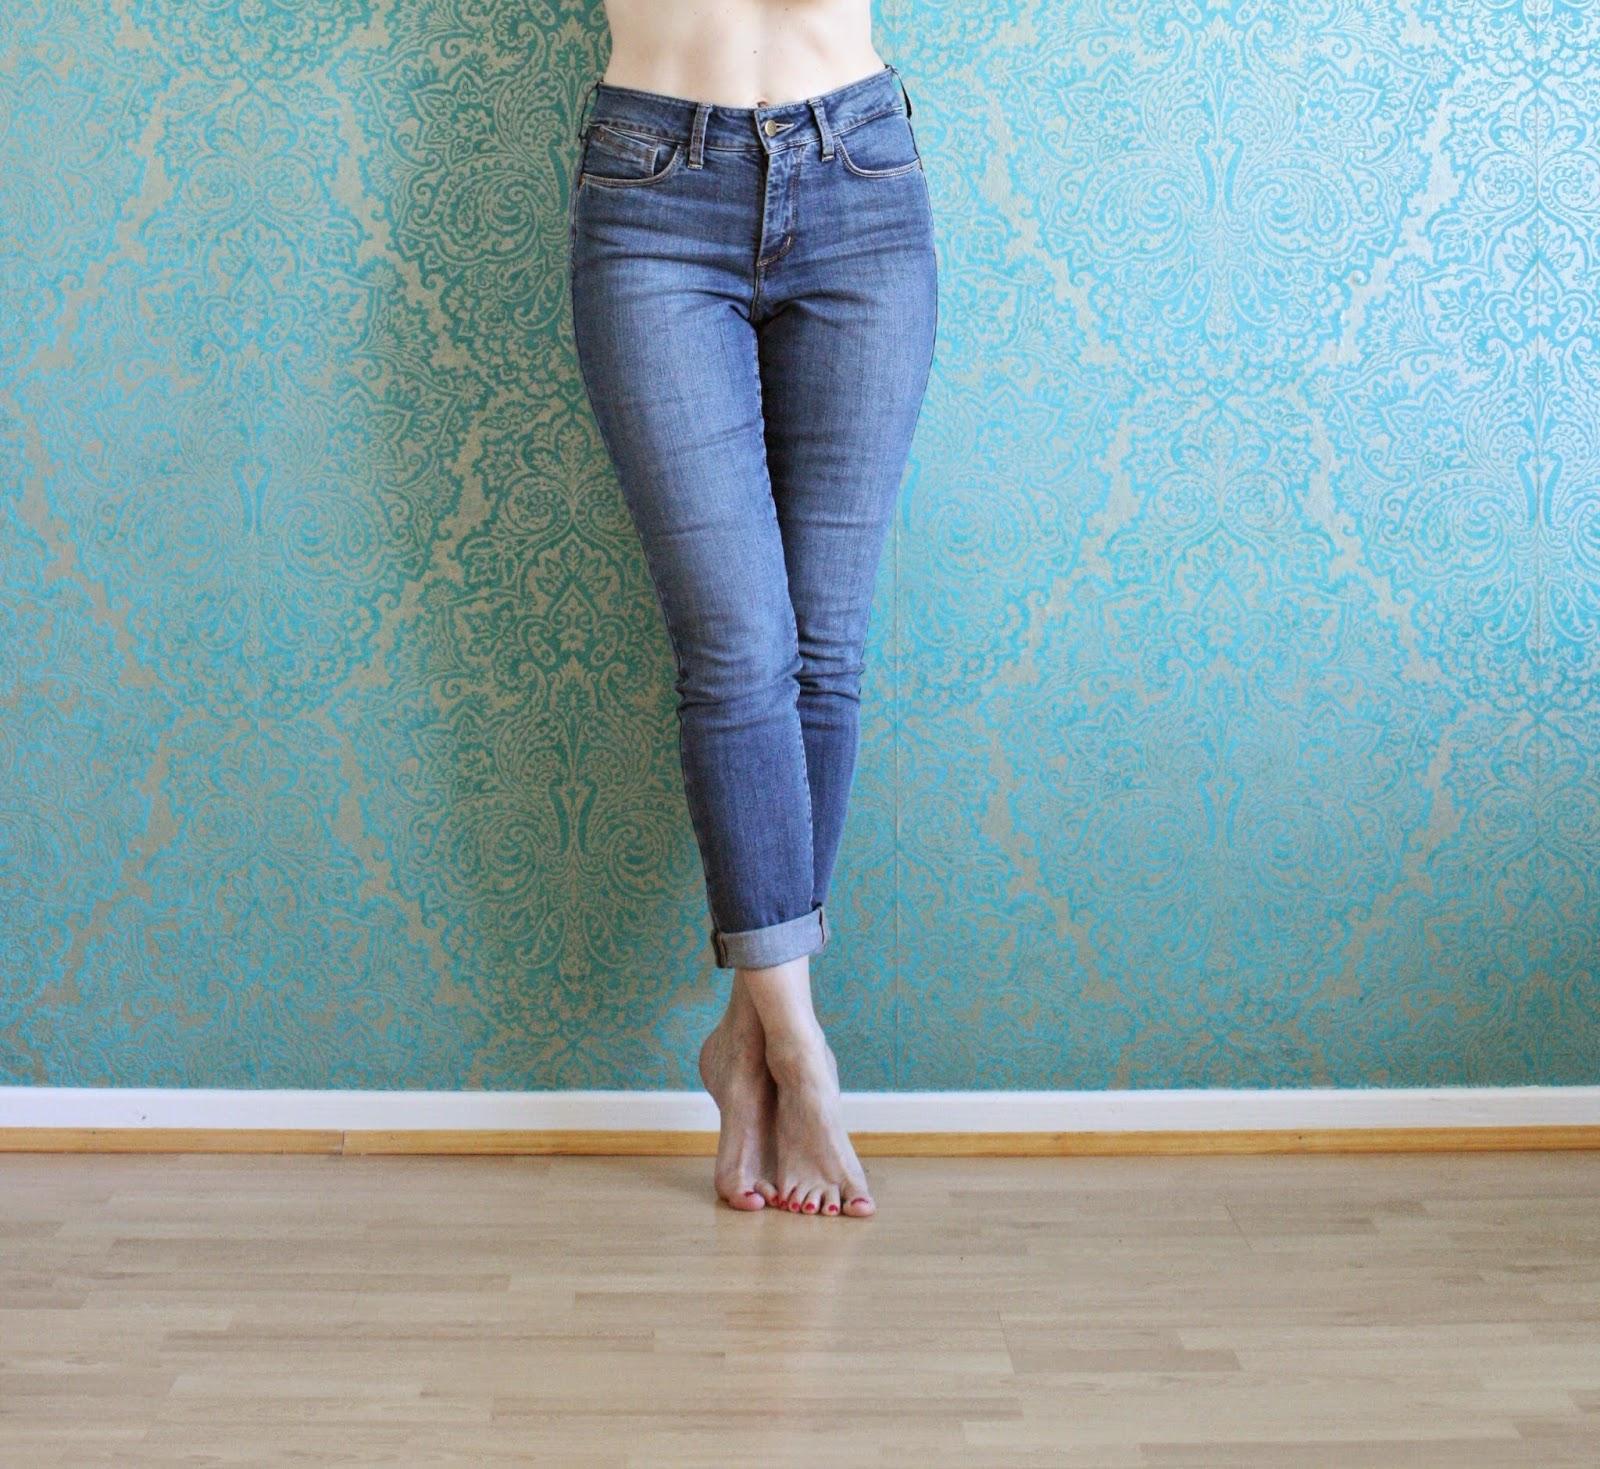 Und noch mal über Jeanshosen